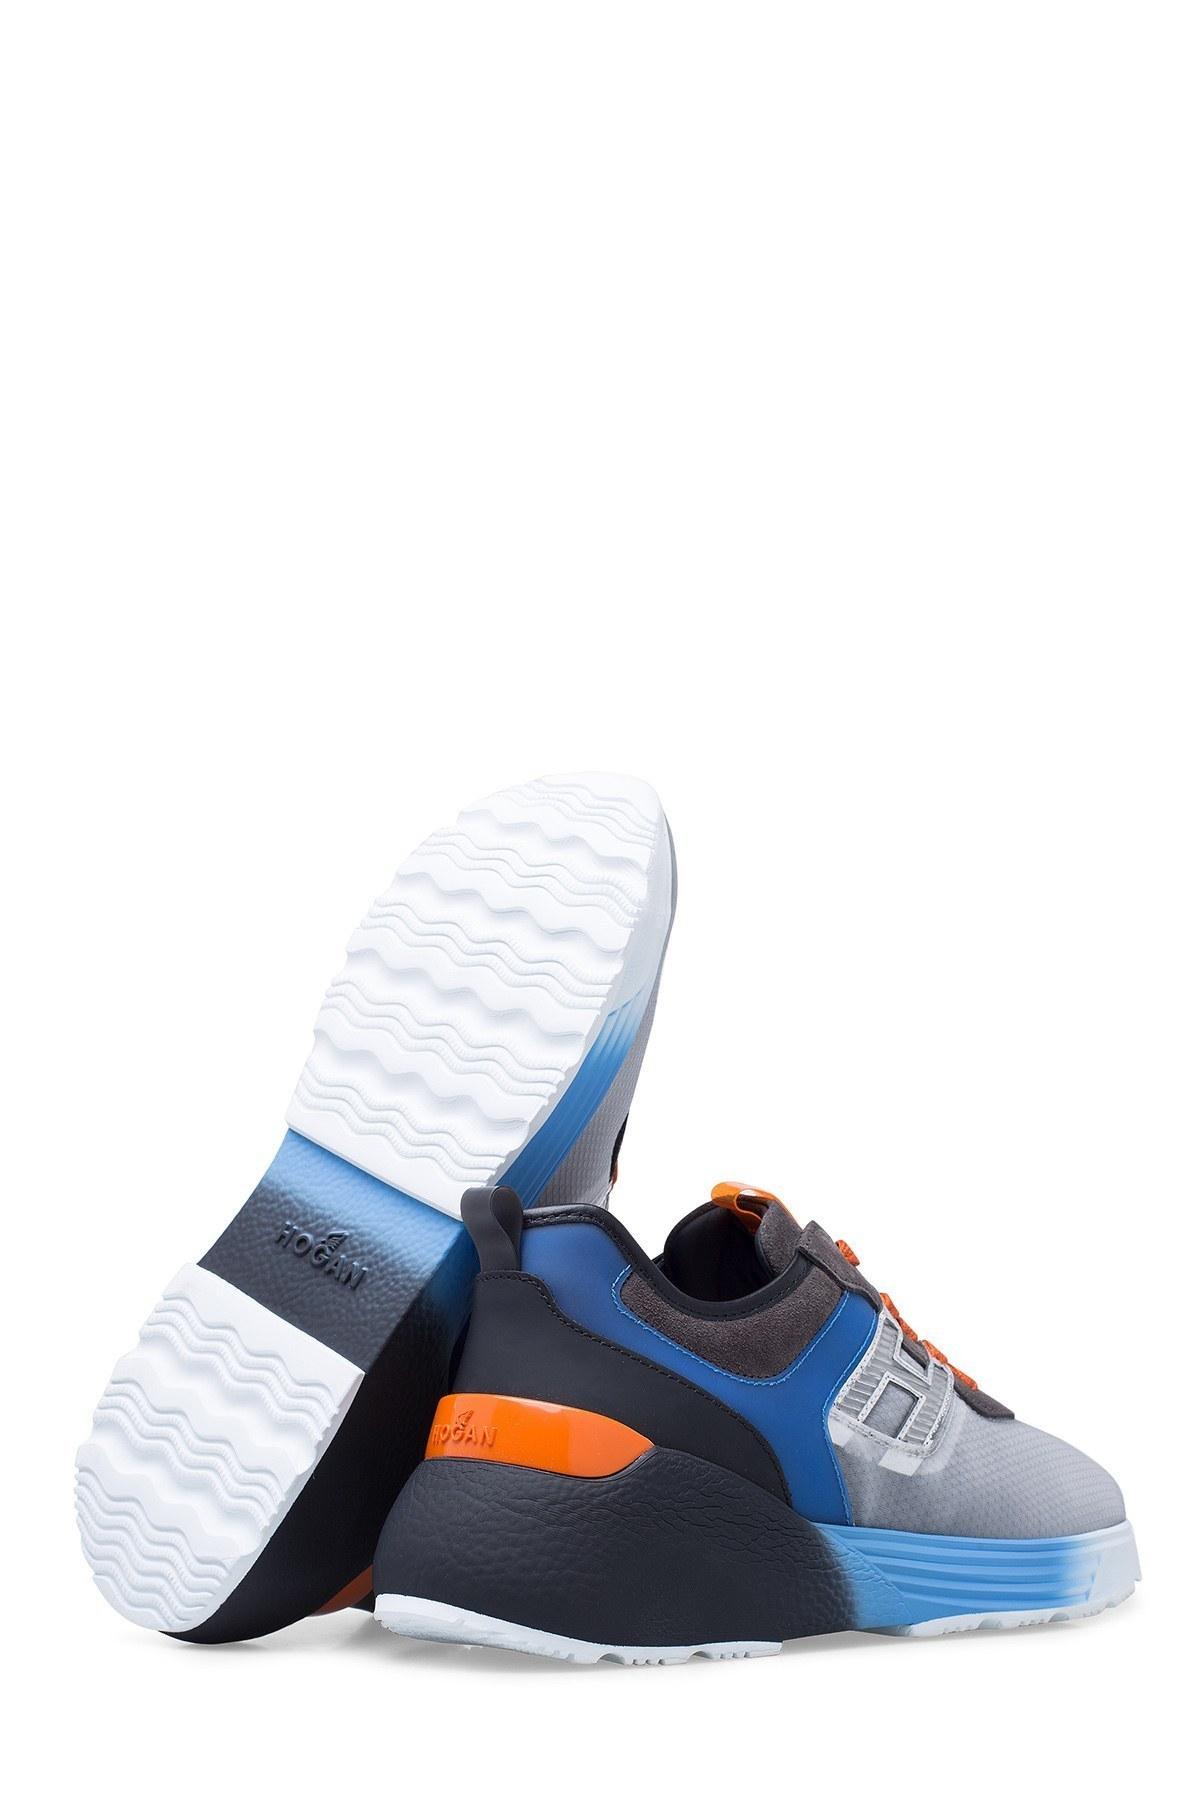 Hogan Erkek Ayakkabı HXM4580BU70L9W684M GRİ-SİYAH